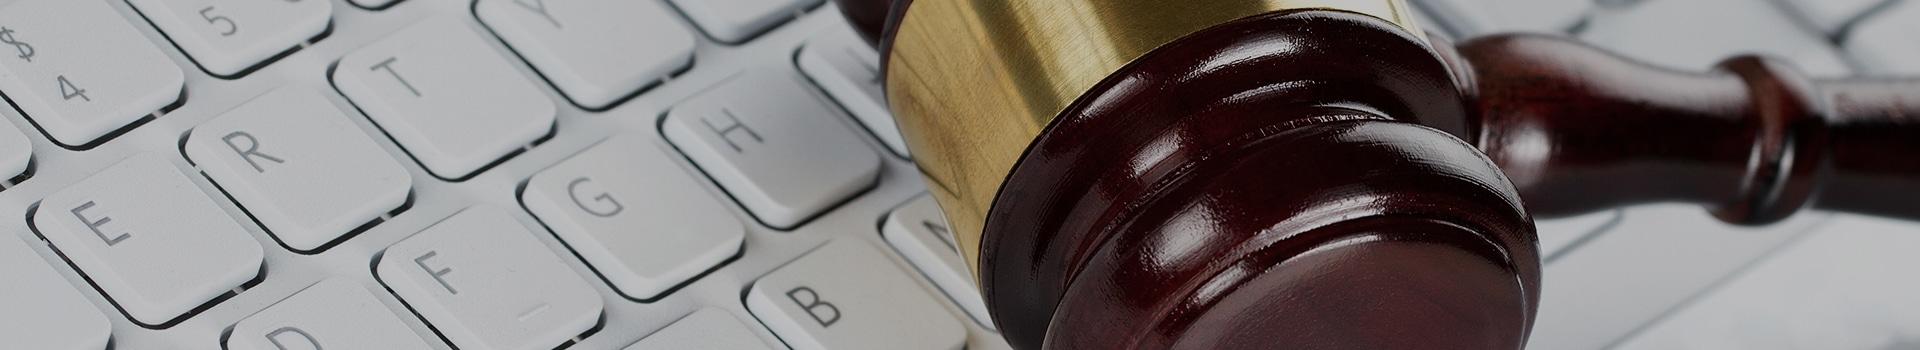 TeamWork Hukuk Yazılımları ile Büronuzu Farklılaştırın!